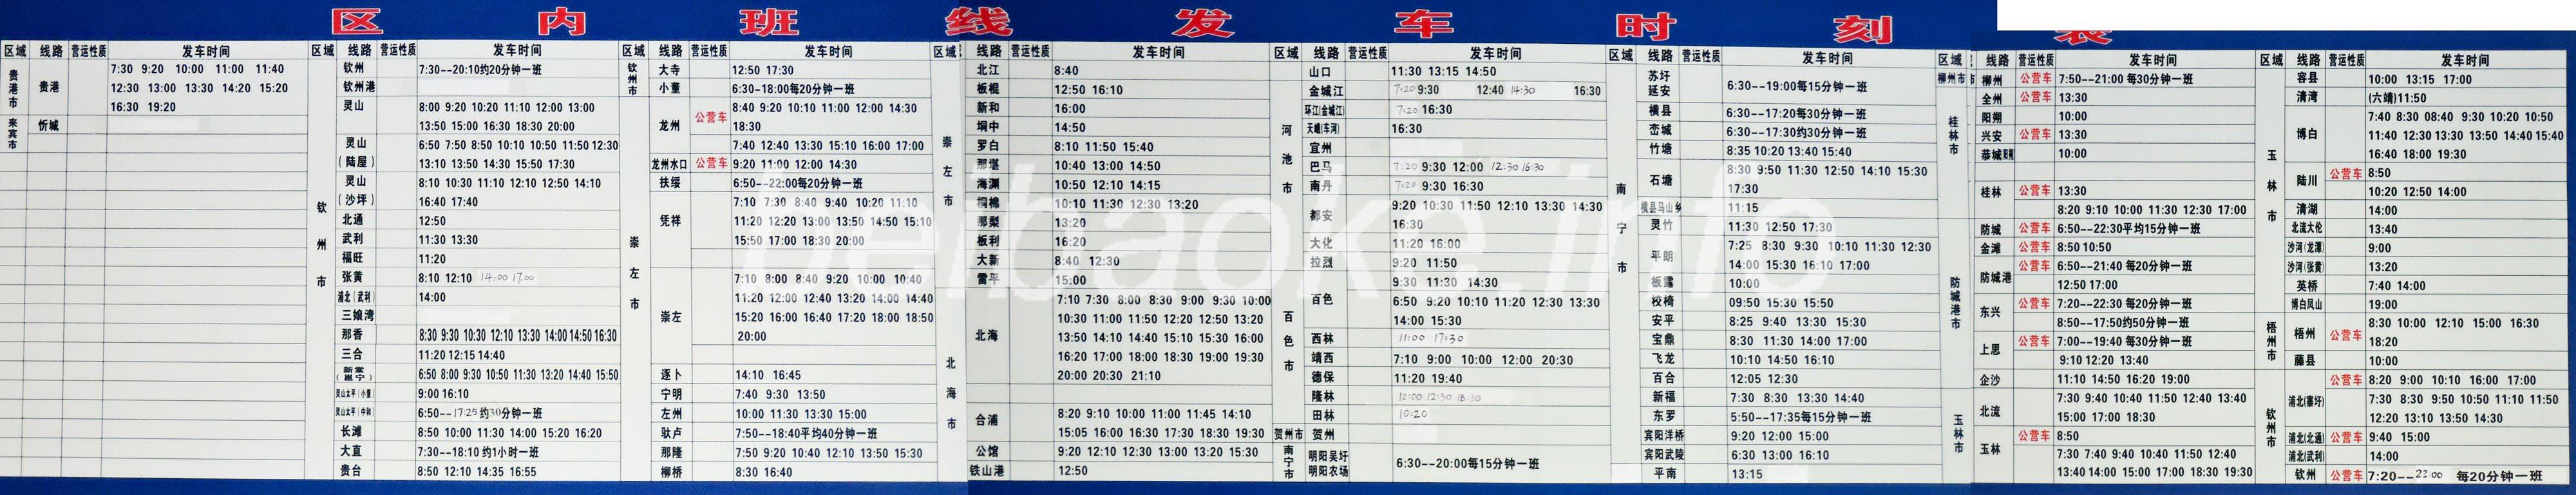 江南客運站時刻表